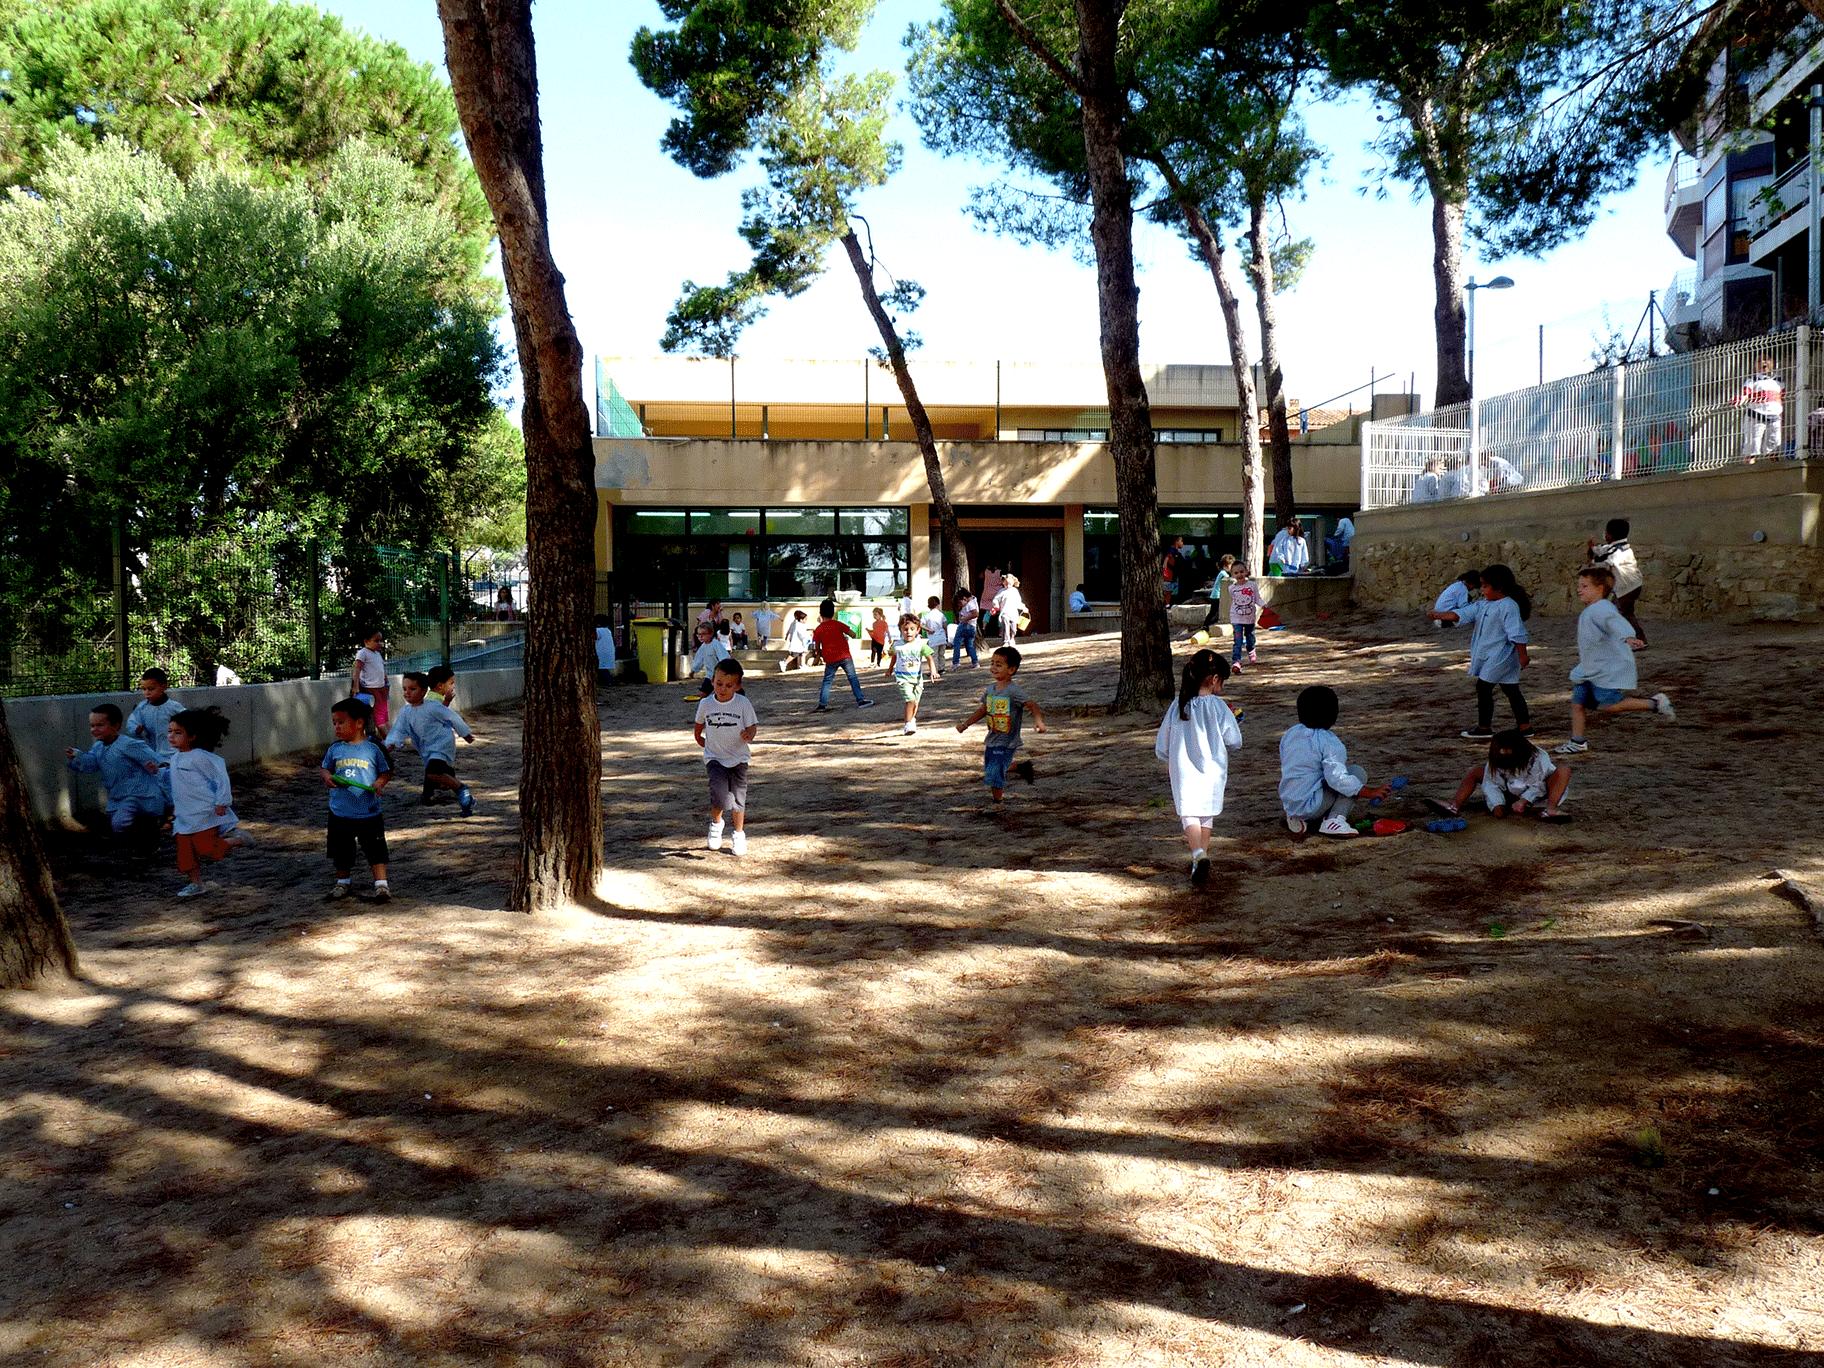 Setembre de 2013: Nens i nenes sense un joc concret i un espai poc pensat, simplement per a l'estona de l'esbarjo.